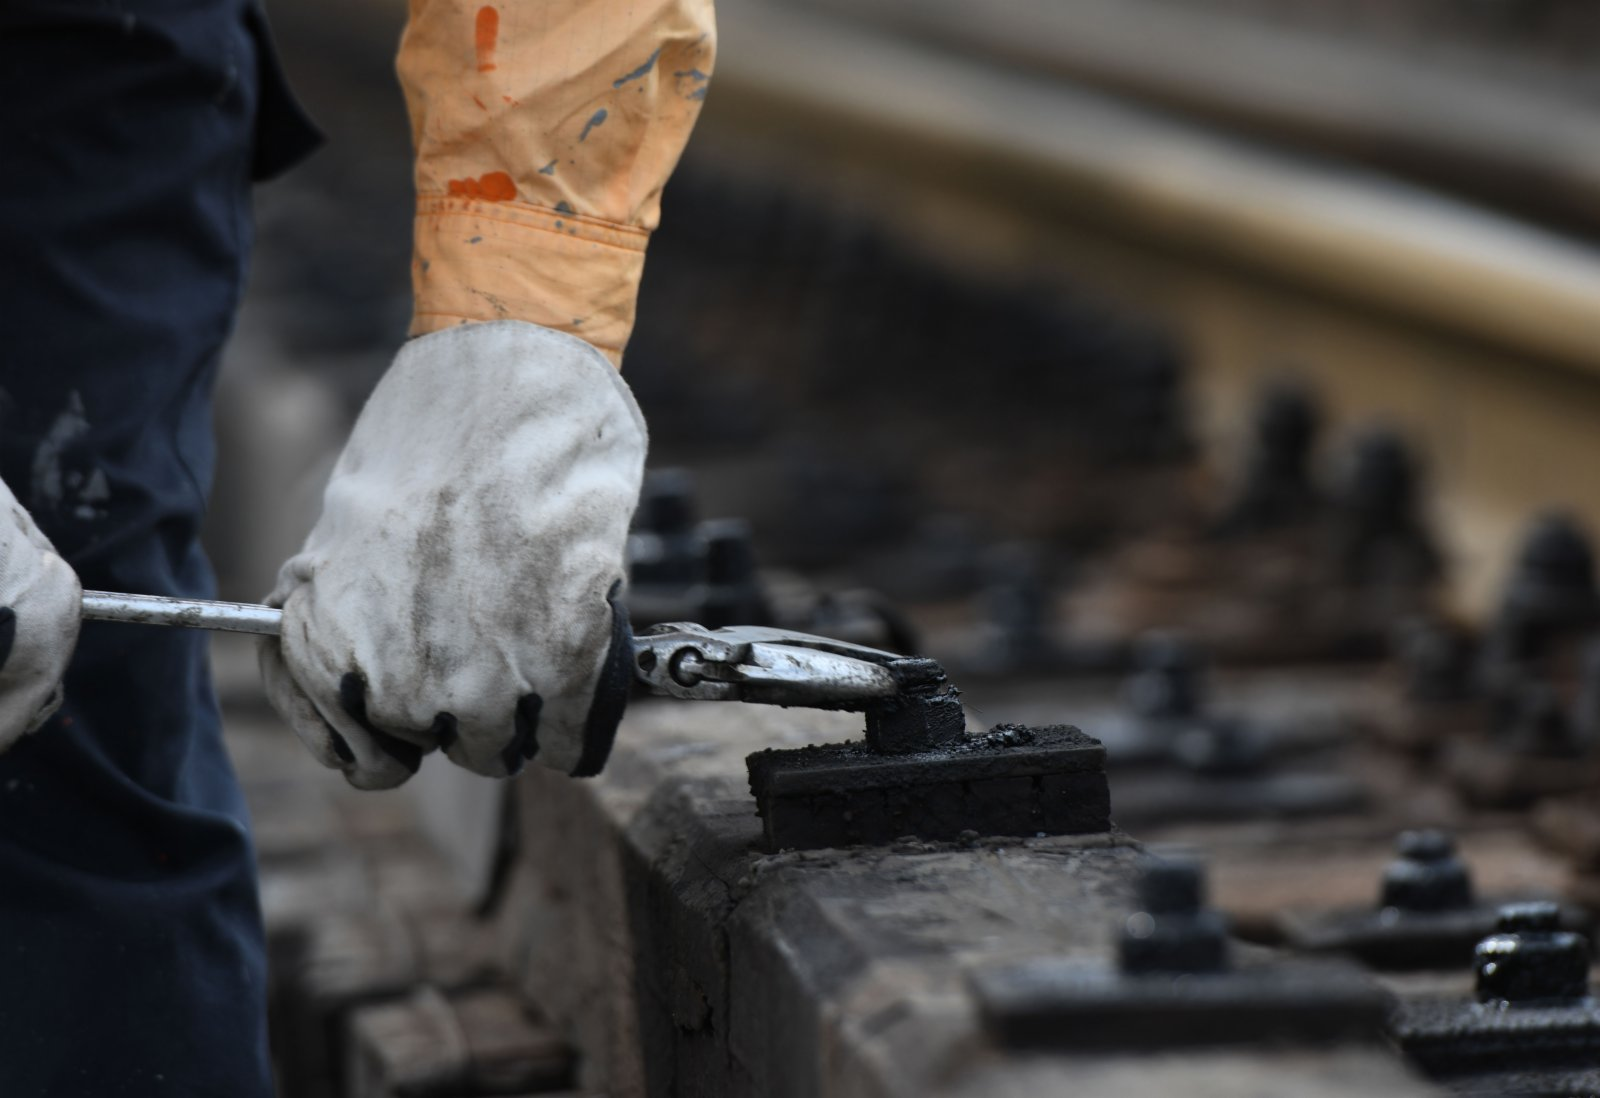 7月21日,一名橋隧工在蚌埠淮河鐵路大橋上進行護木螺栓復緊。(新華社)